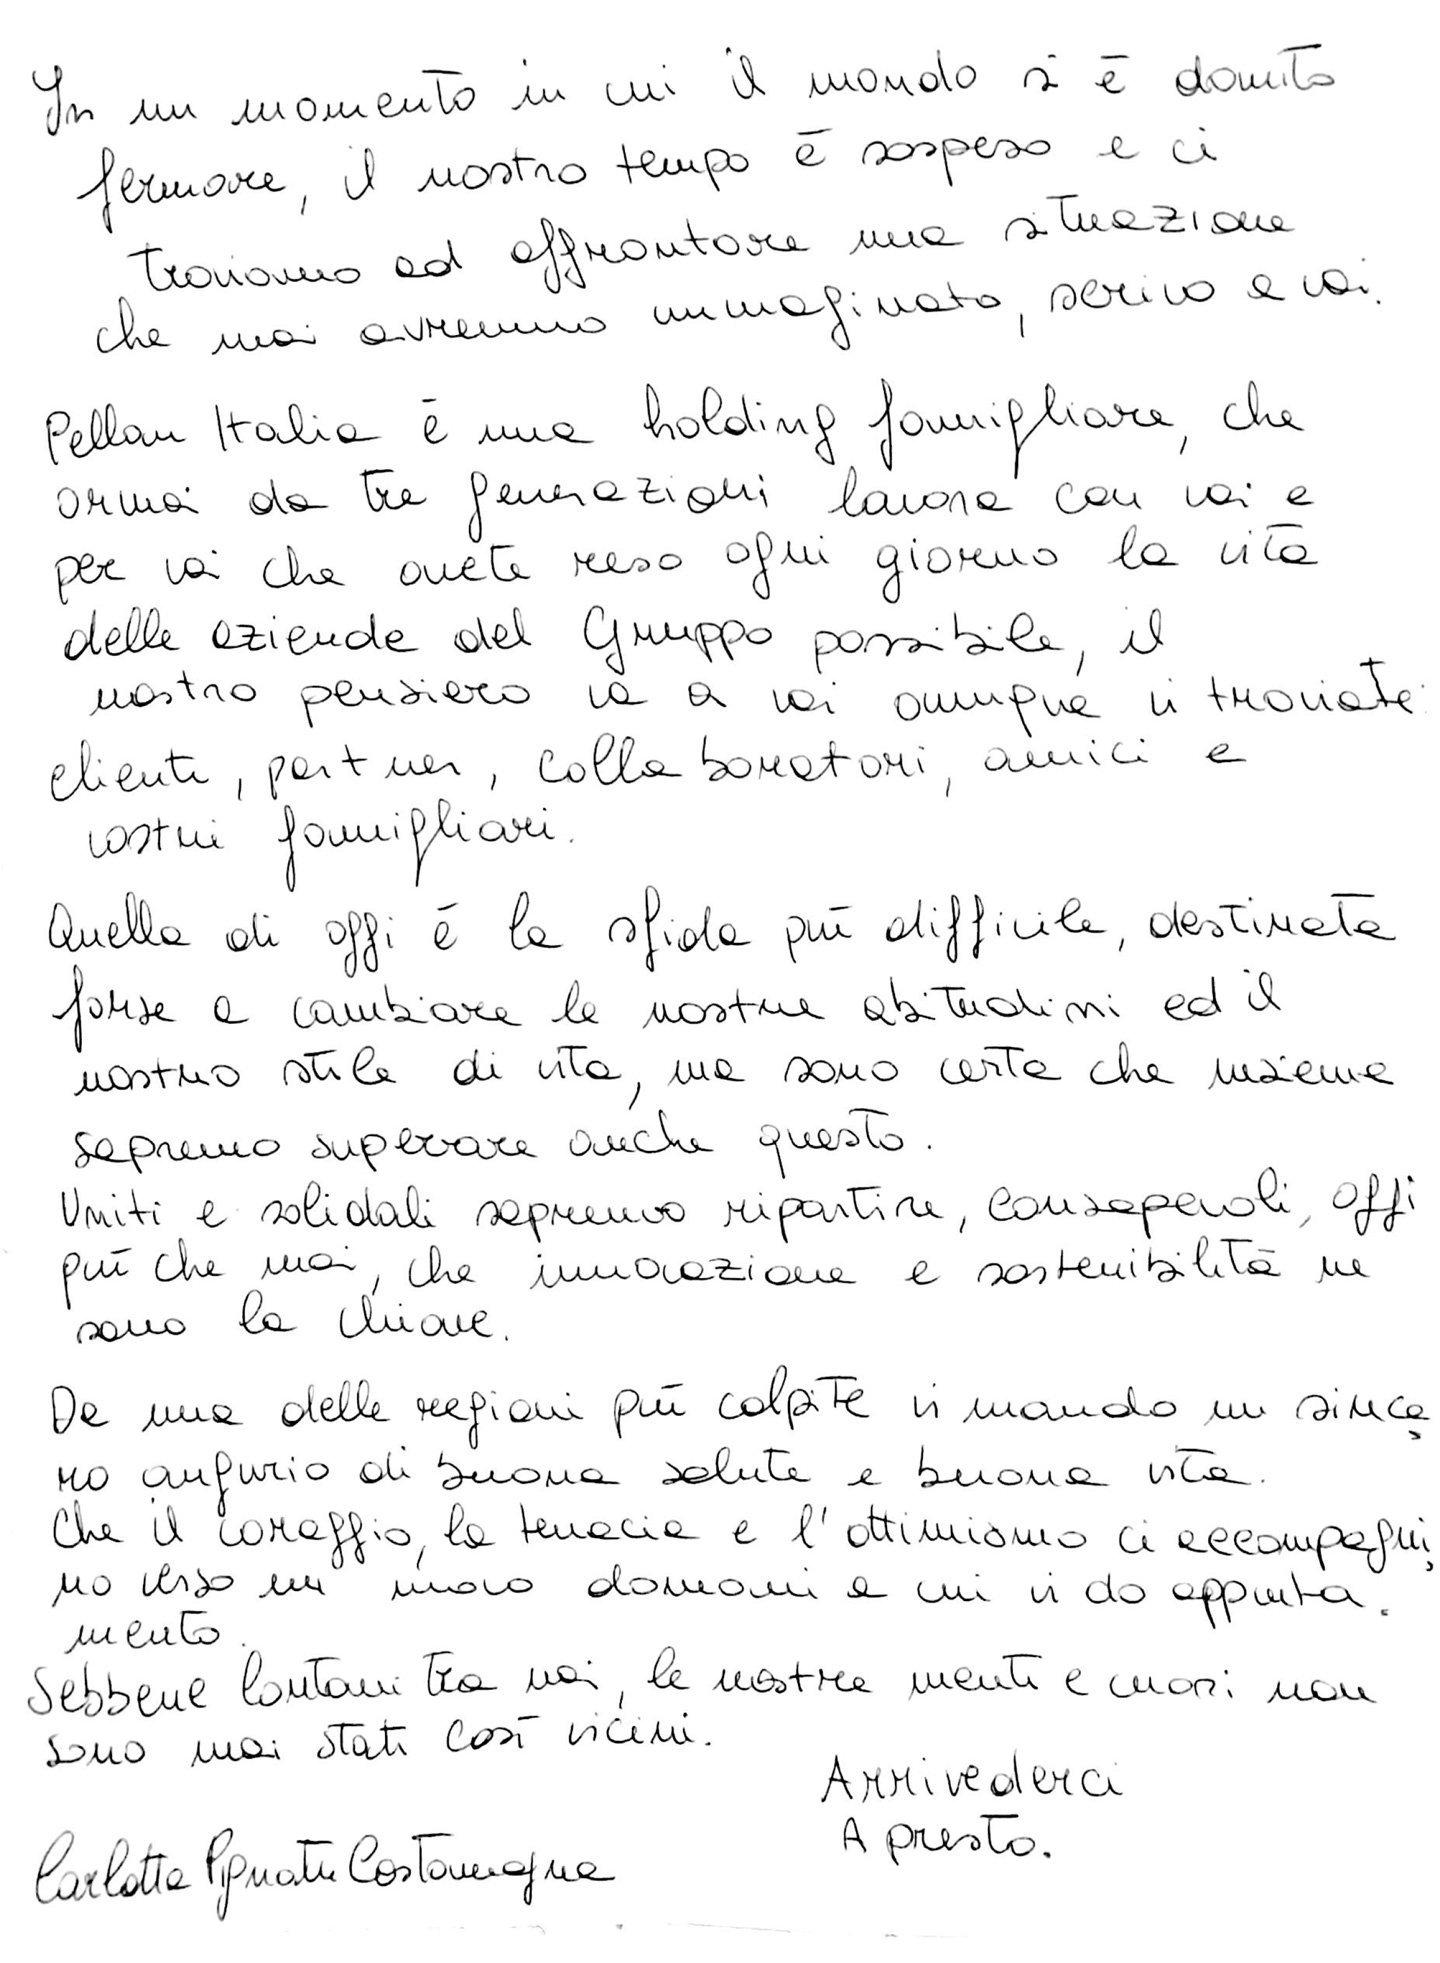 lettera-carlotta-costamagna-covid19